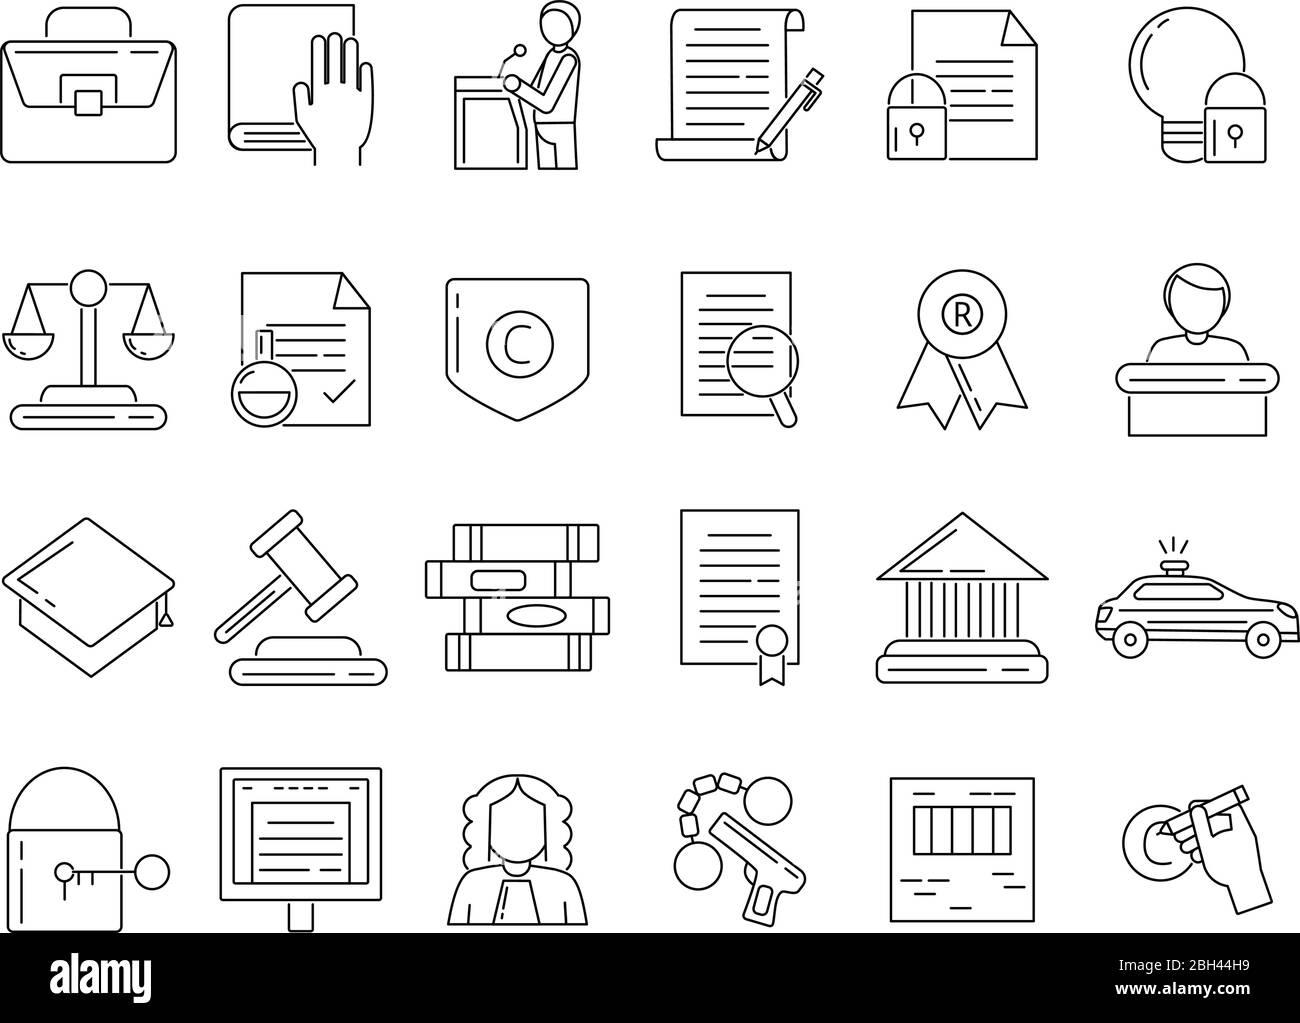 Símbolos lineales de la protección de abogados, delincuentes y derechos de autor. Jurisprudencia jurídica, tribunal y estilo de línea de juicio. Ilustración vectorial Ilustración del Vector